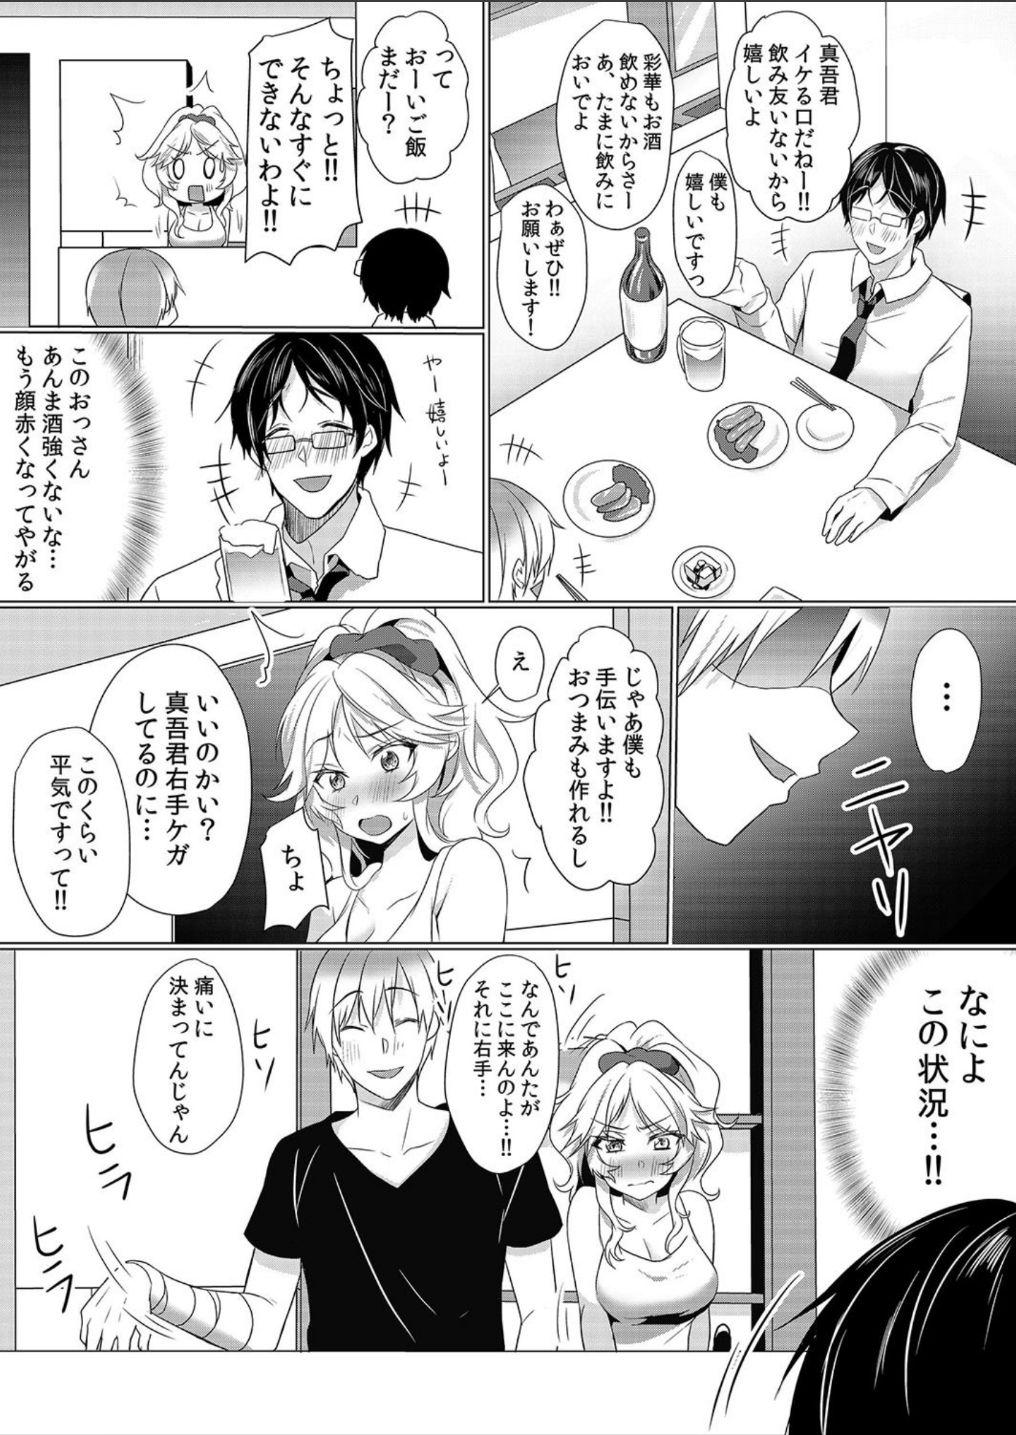 Junyuuchuu no Yanmama ni Pakopako Tanetsuke!! ~ Sonna ni Dasaretara... Milk ga Afurechau! 4 3